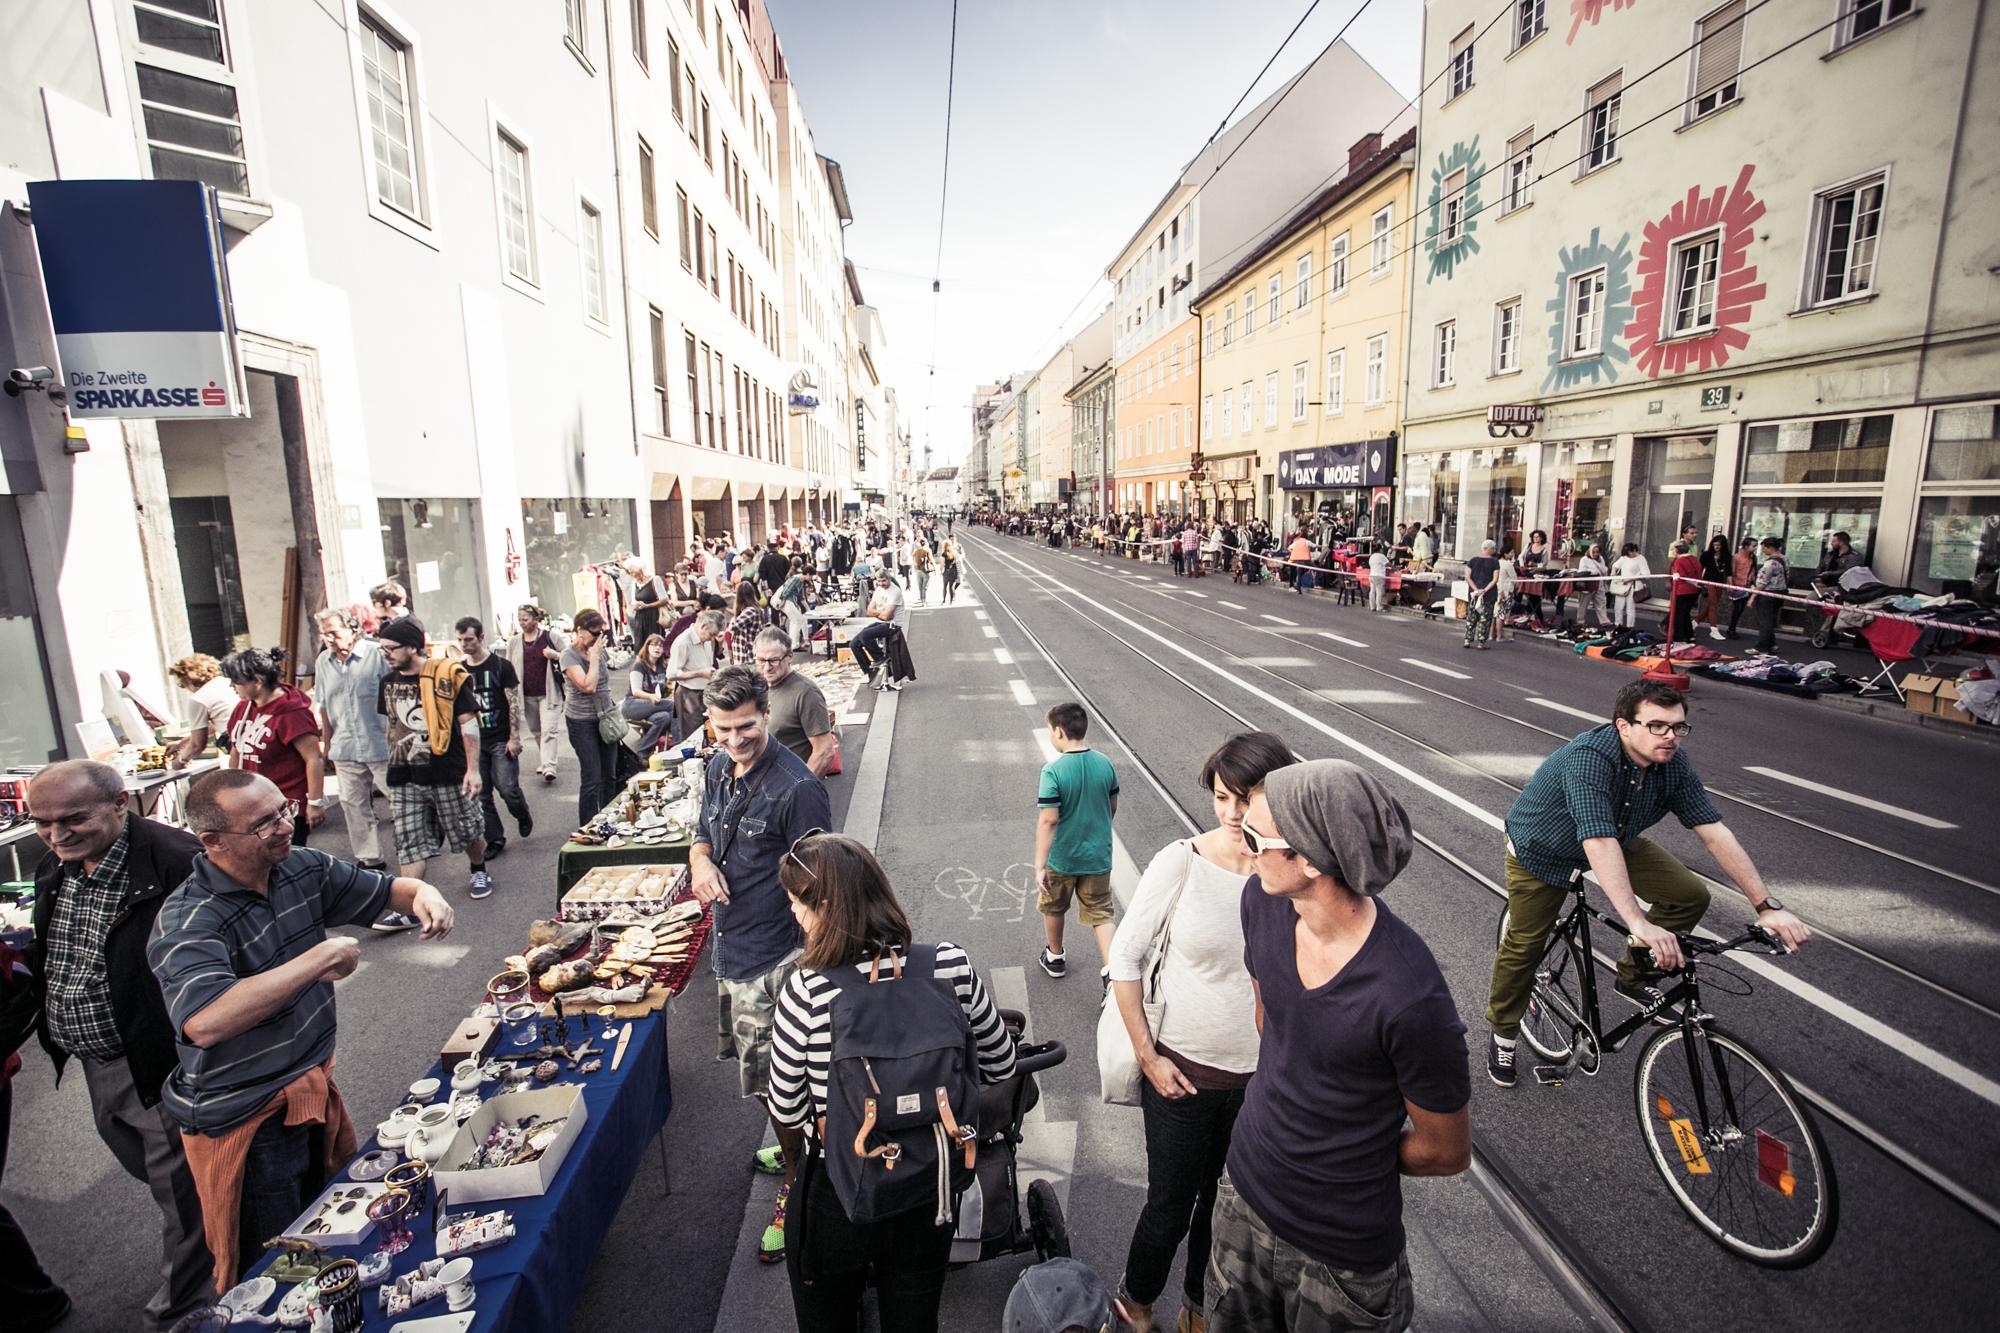 Annenviertel_Flohmarkt062_c_lupi_spuma